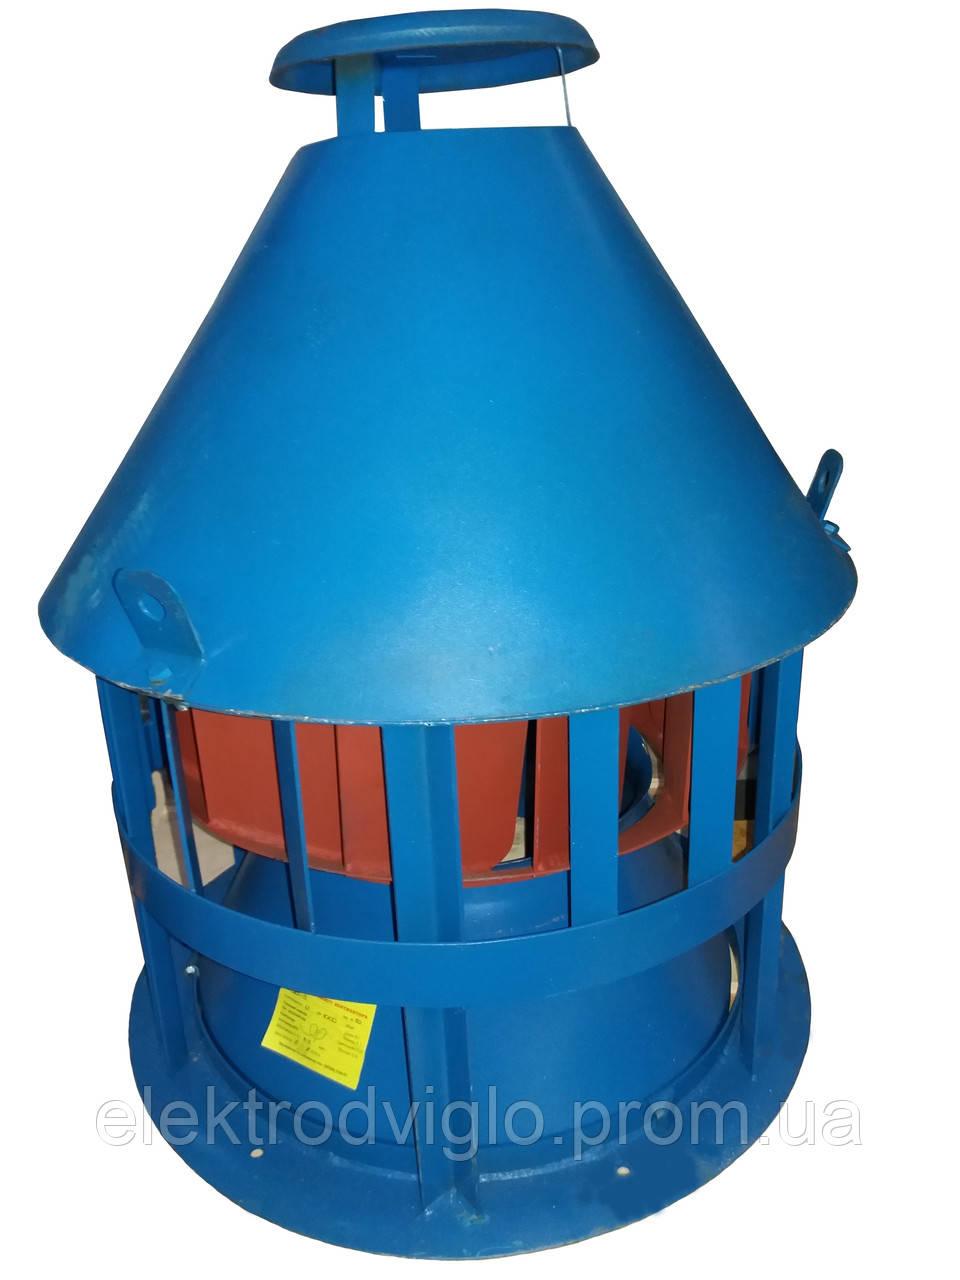 Вентилятор ВКР №3,15 0,37кВт 1000об, фото 1